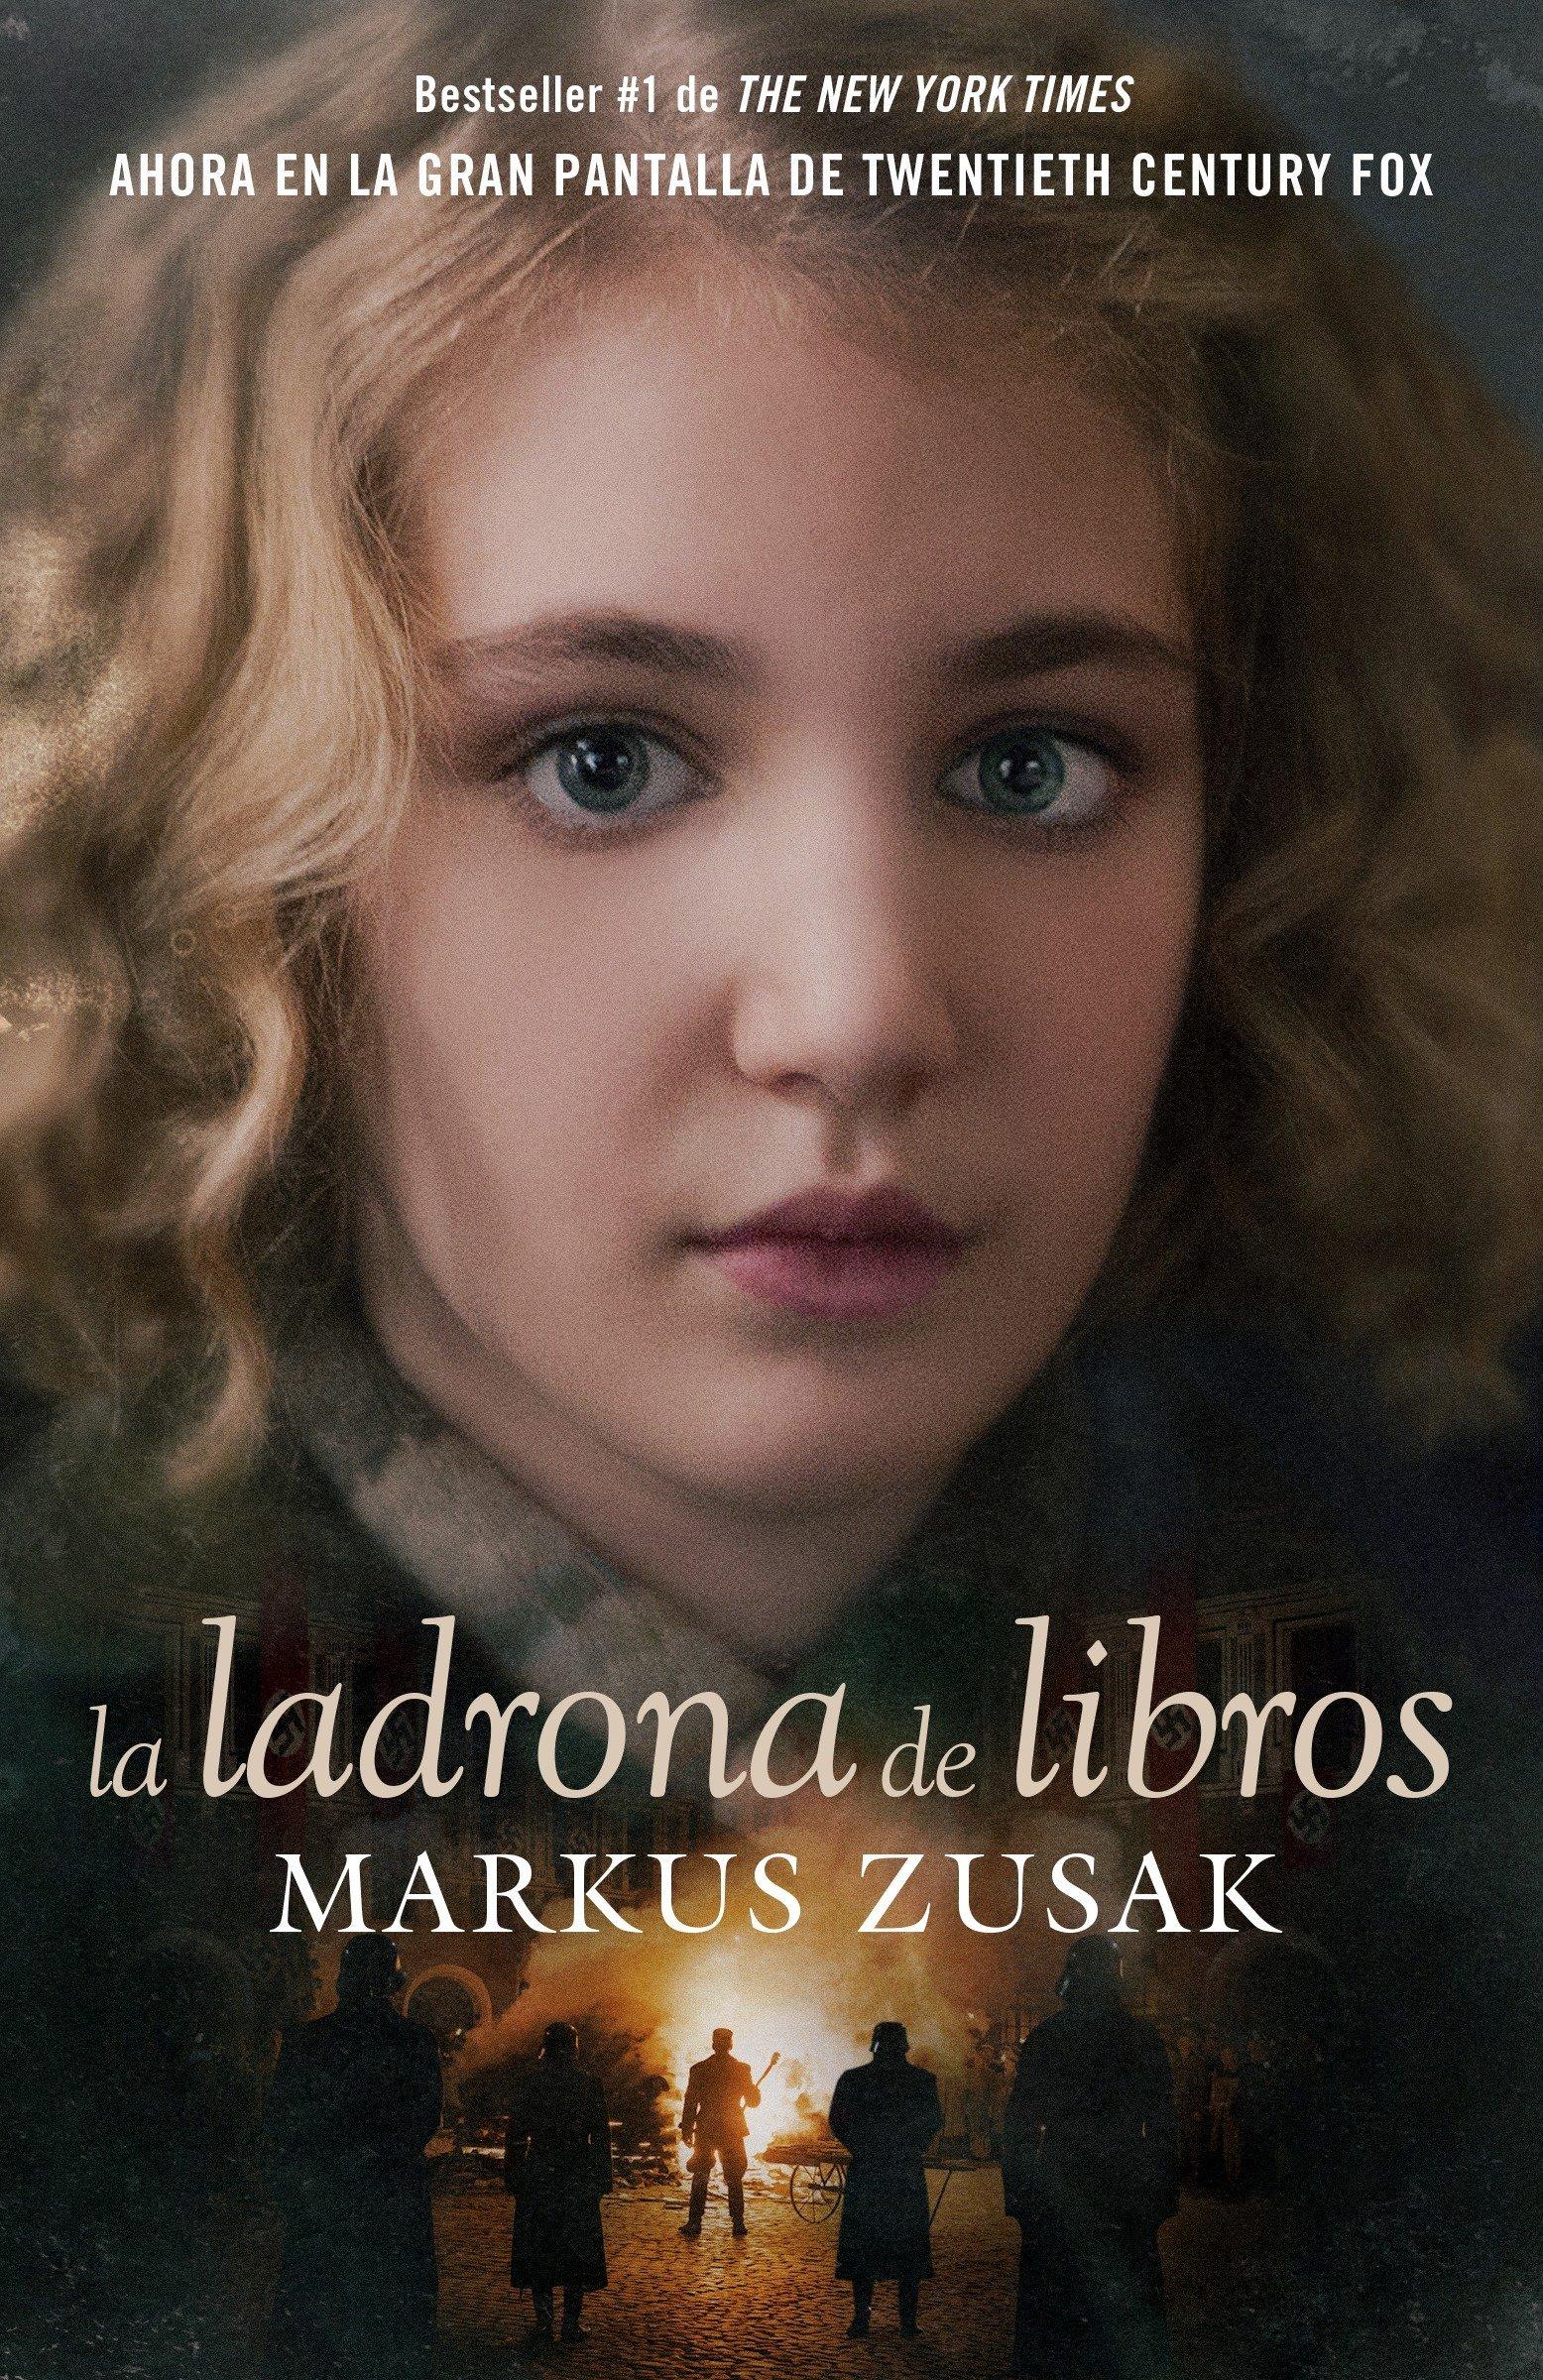 La ladrona de libros (Spanish Edition)